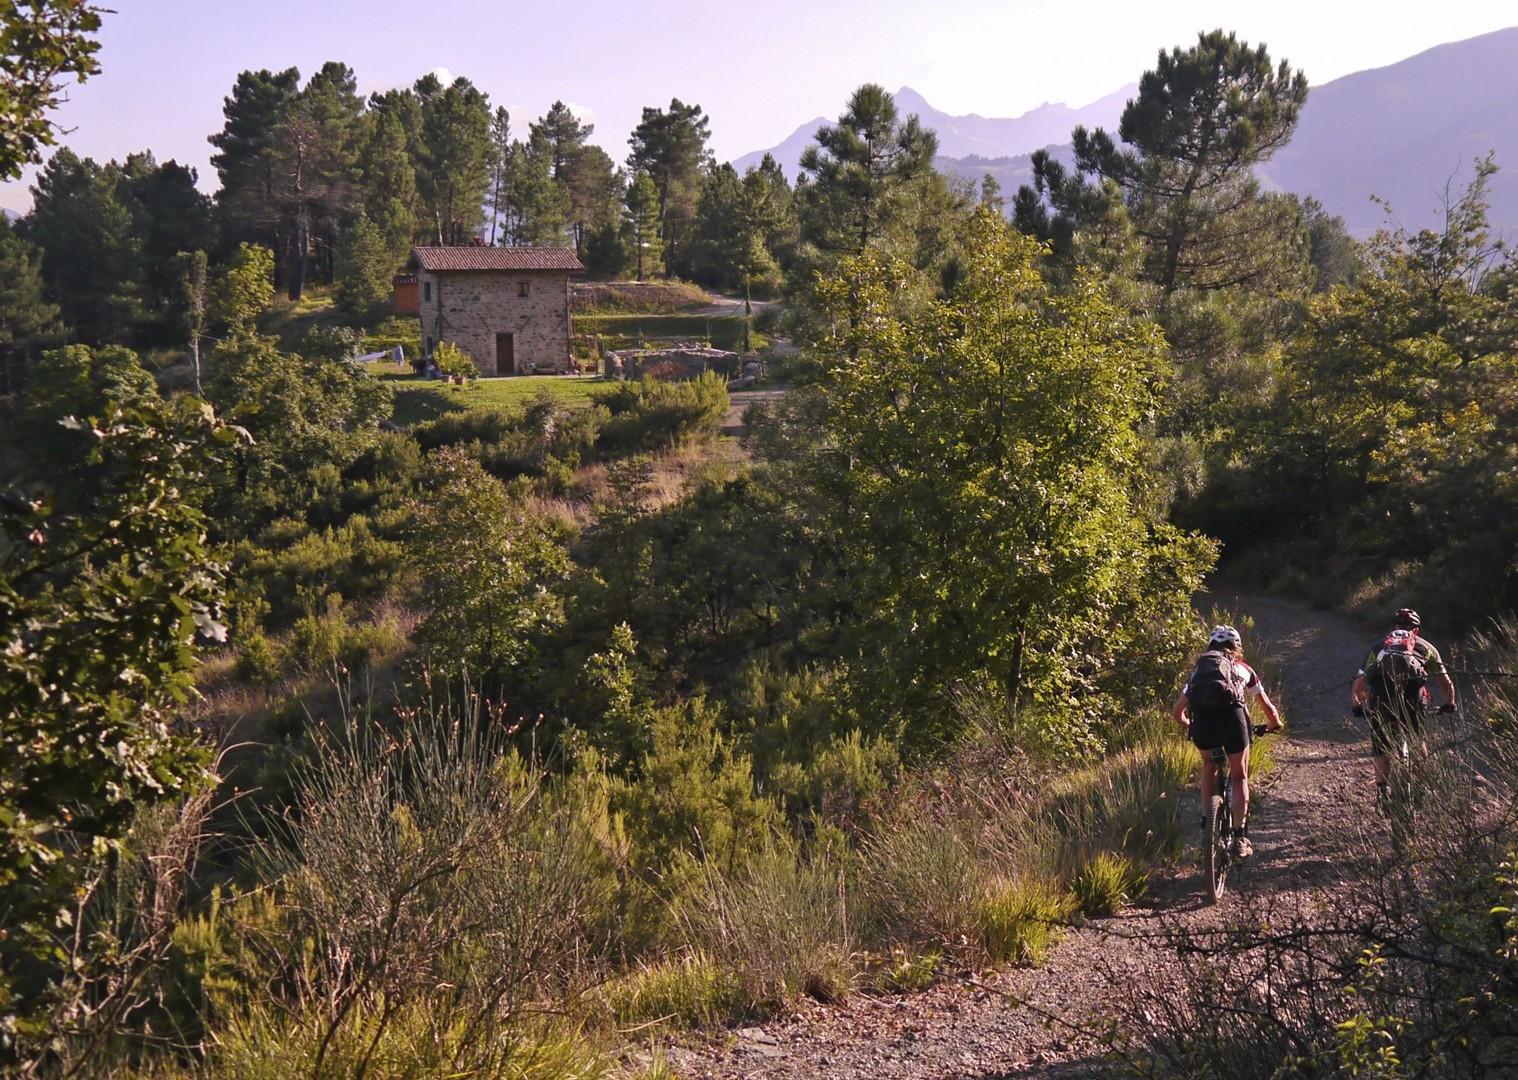 mountain-biking-holiday-italy-tuscany-francegina-landscape-nature.jpg - Italy - Via Francigena (Tuscany to Rome) - Mountain Biking